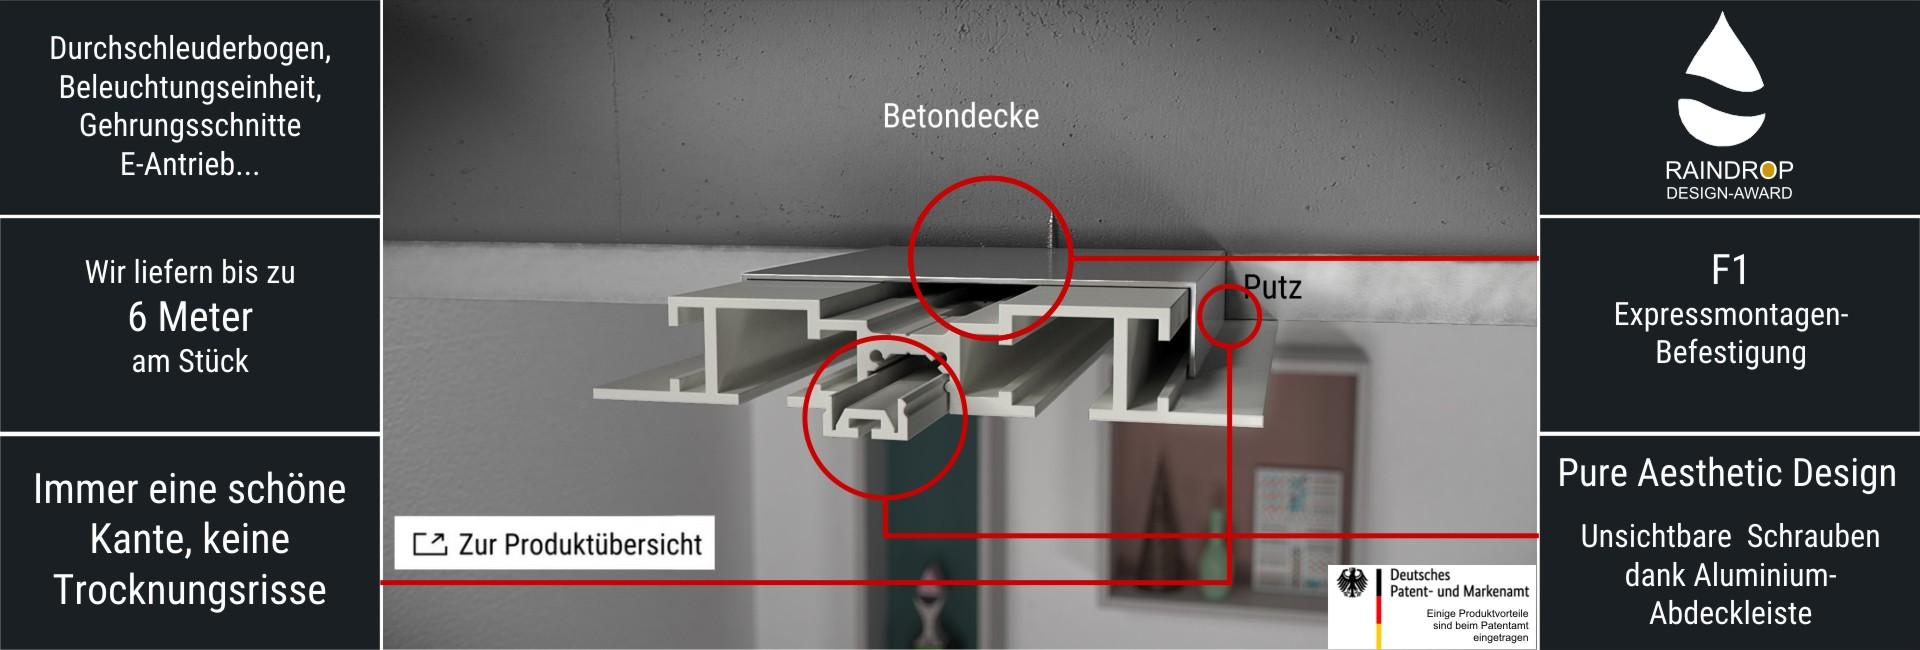 Produktvorteile-und-Montageskizze-Einputzschiene